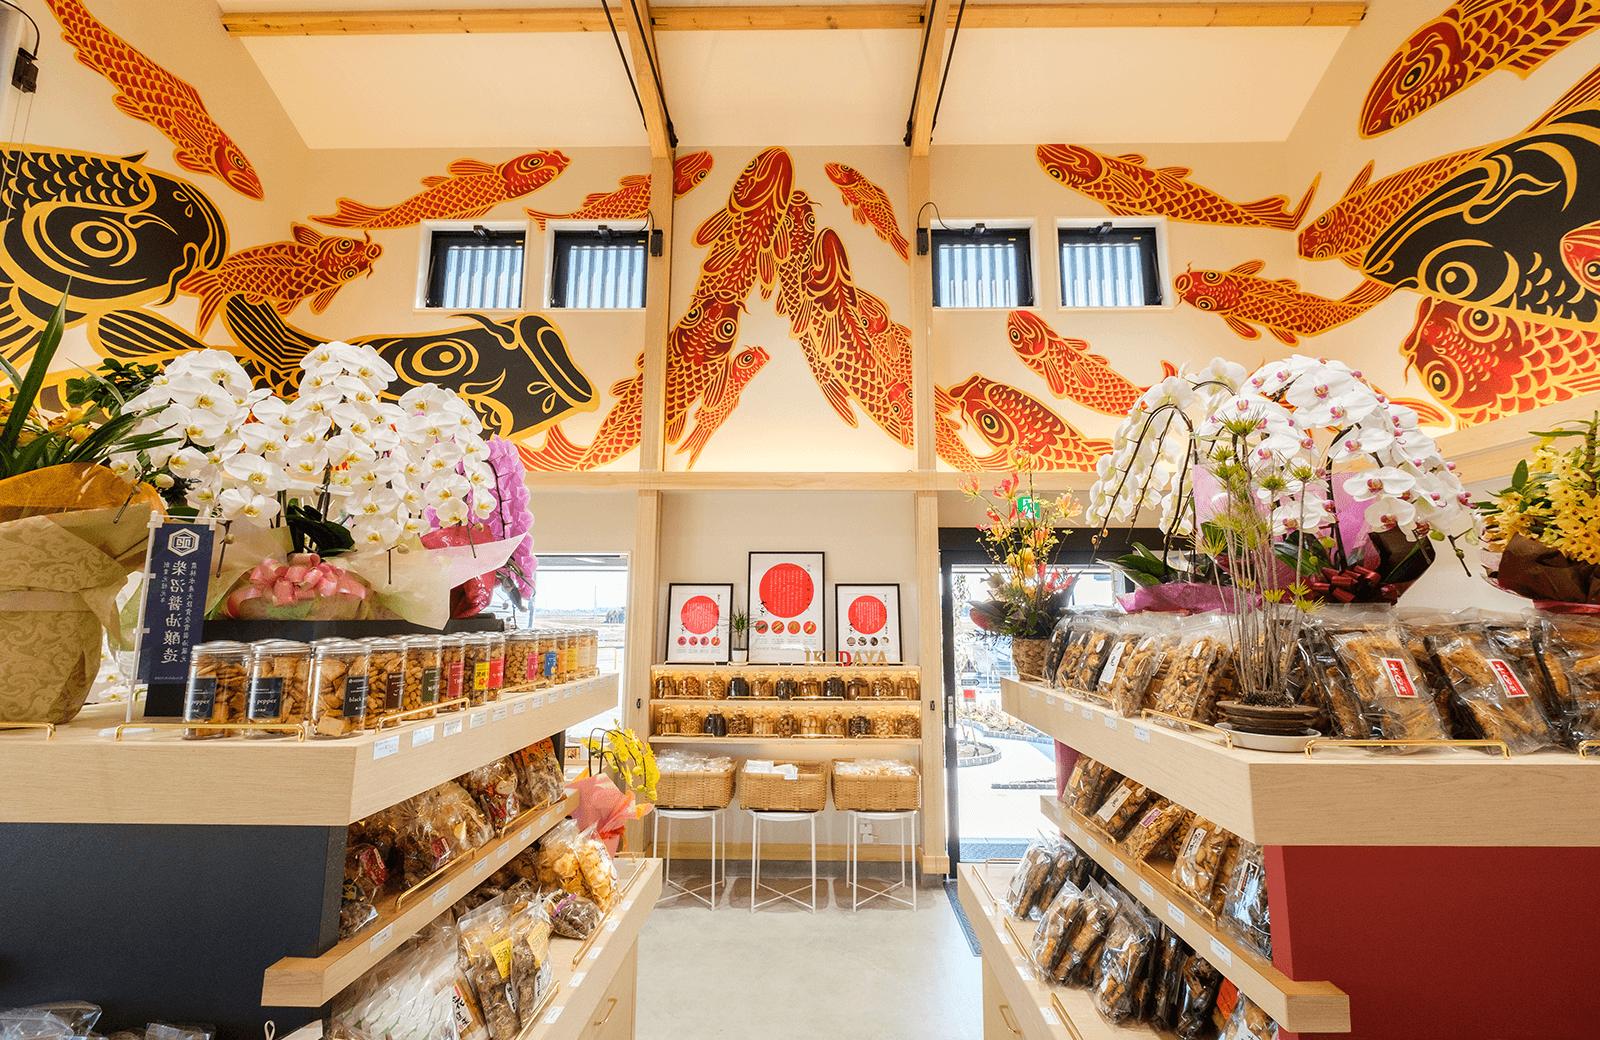 店舗のご案内|茨城県取手のあられ・おかき専門店「歌舞伎あられ池田屋」